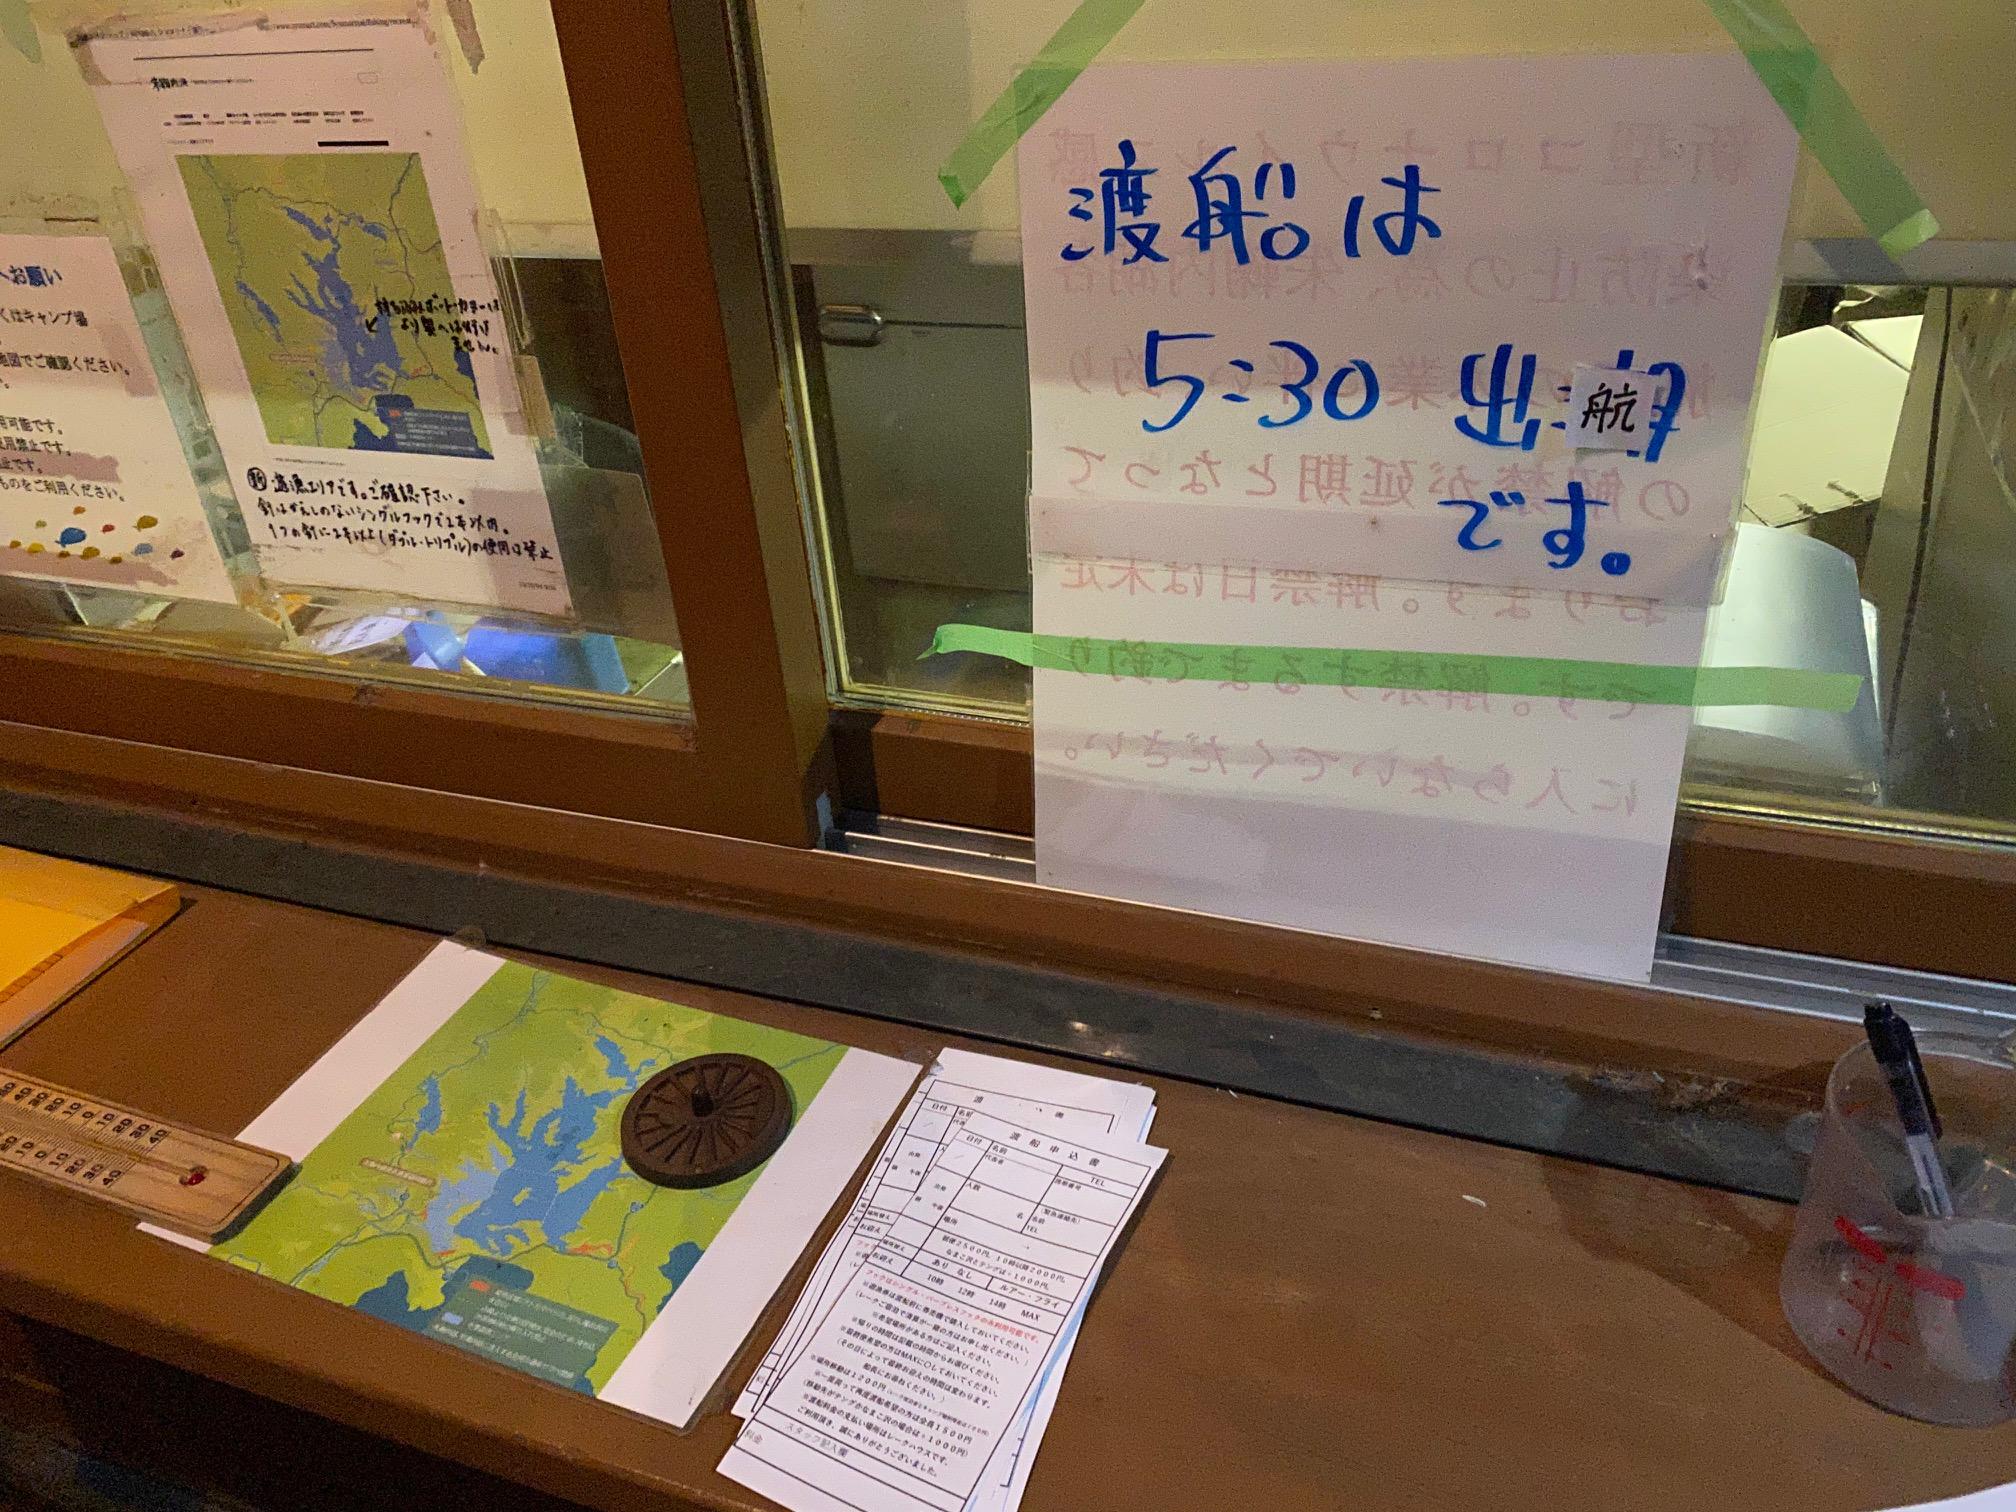 朱鞠内湖の渡船